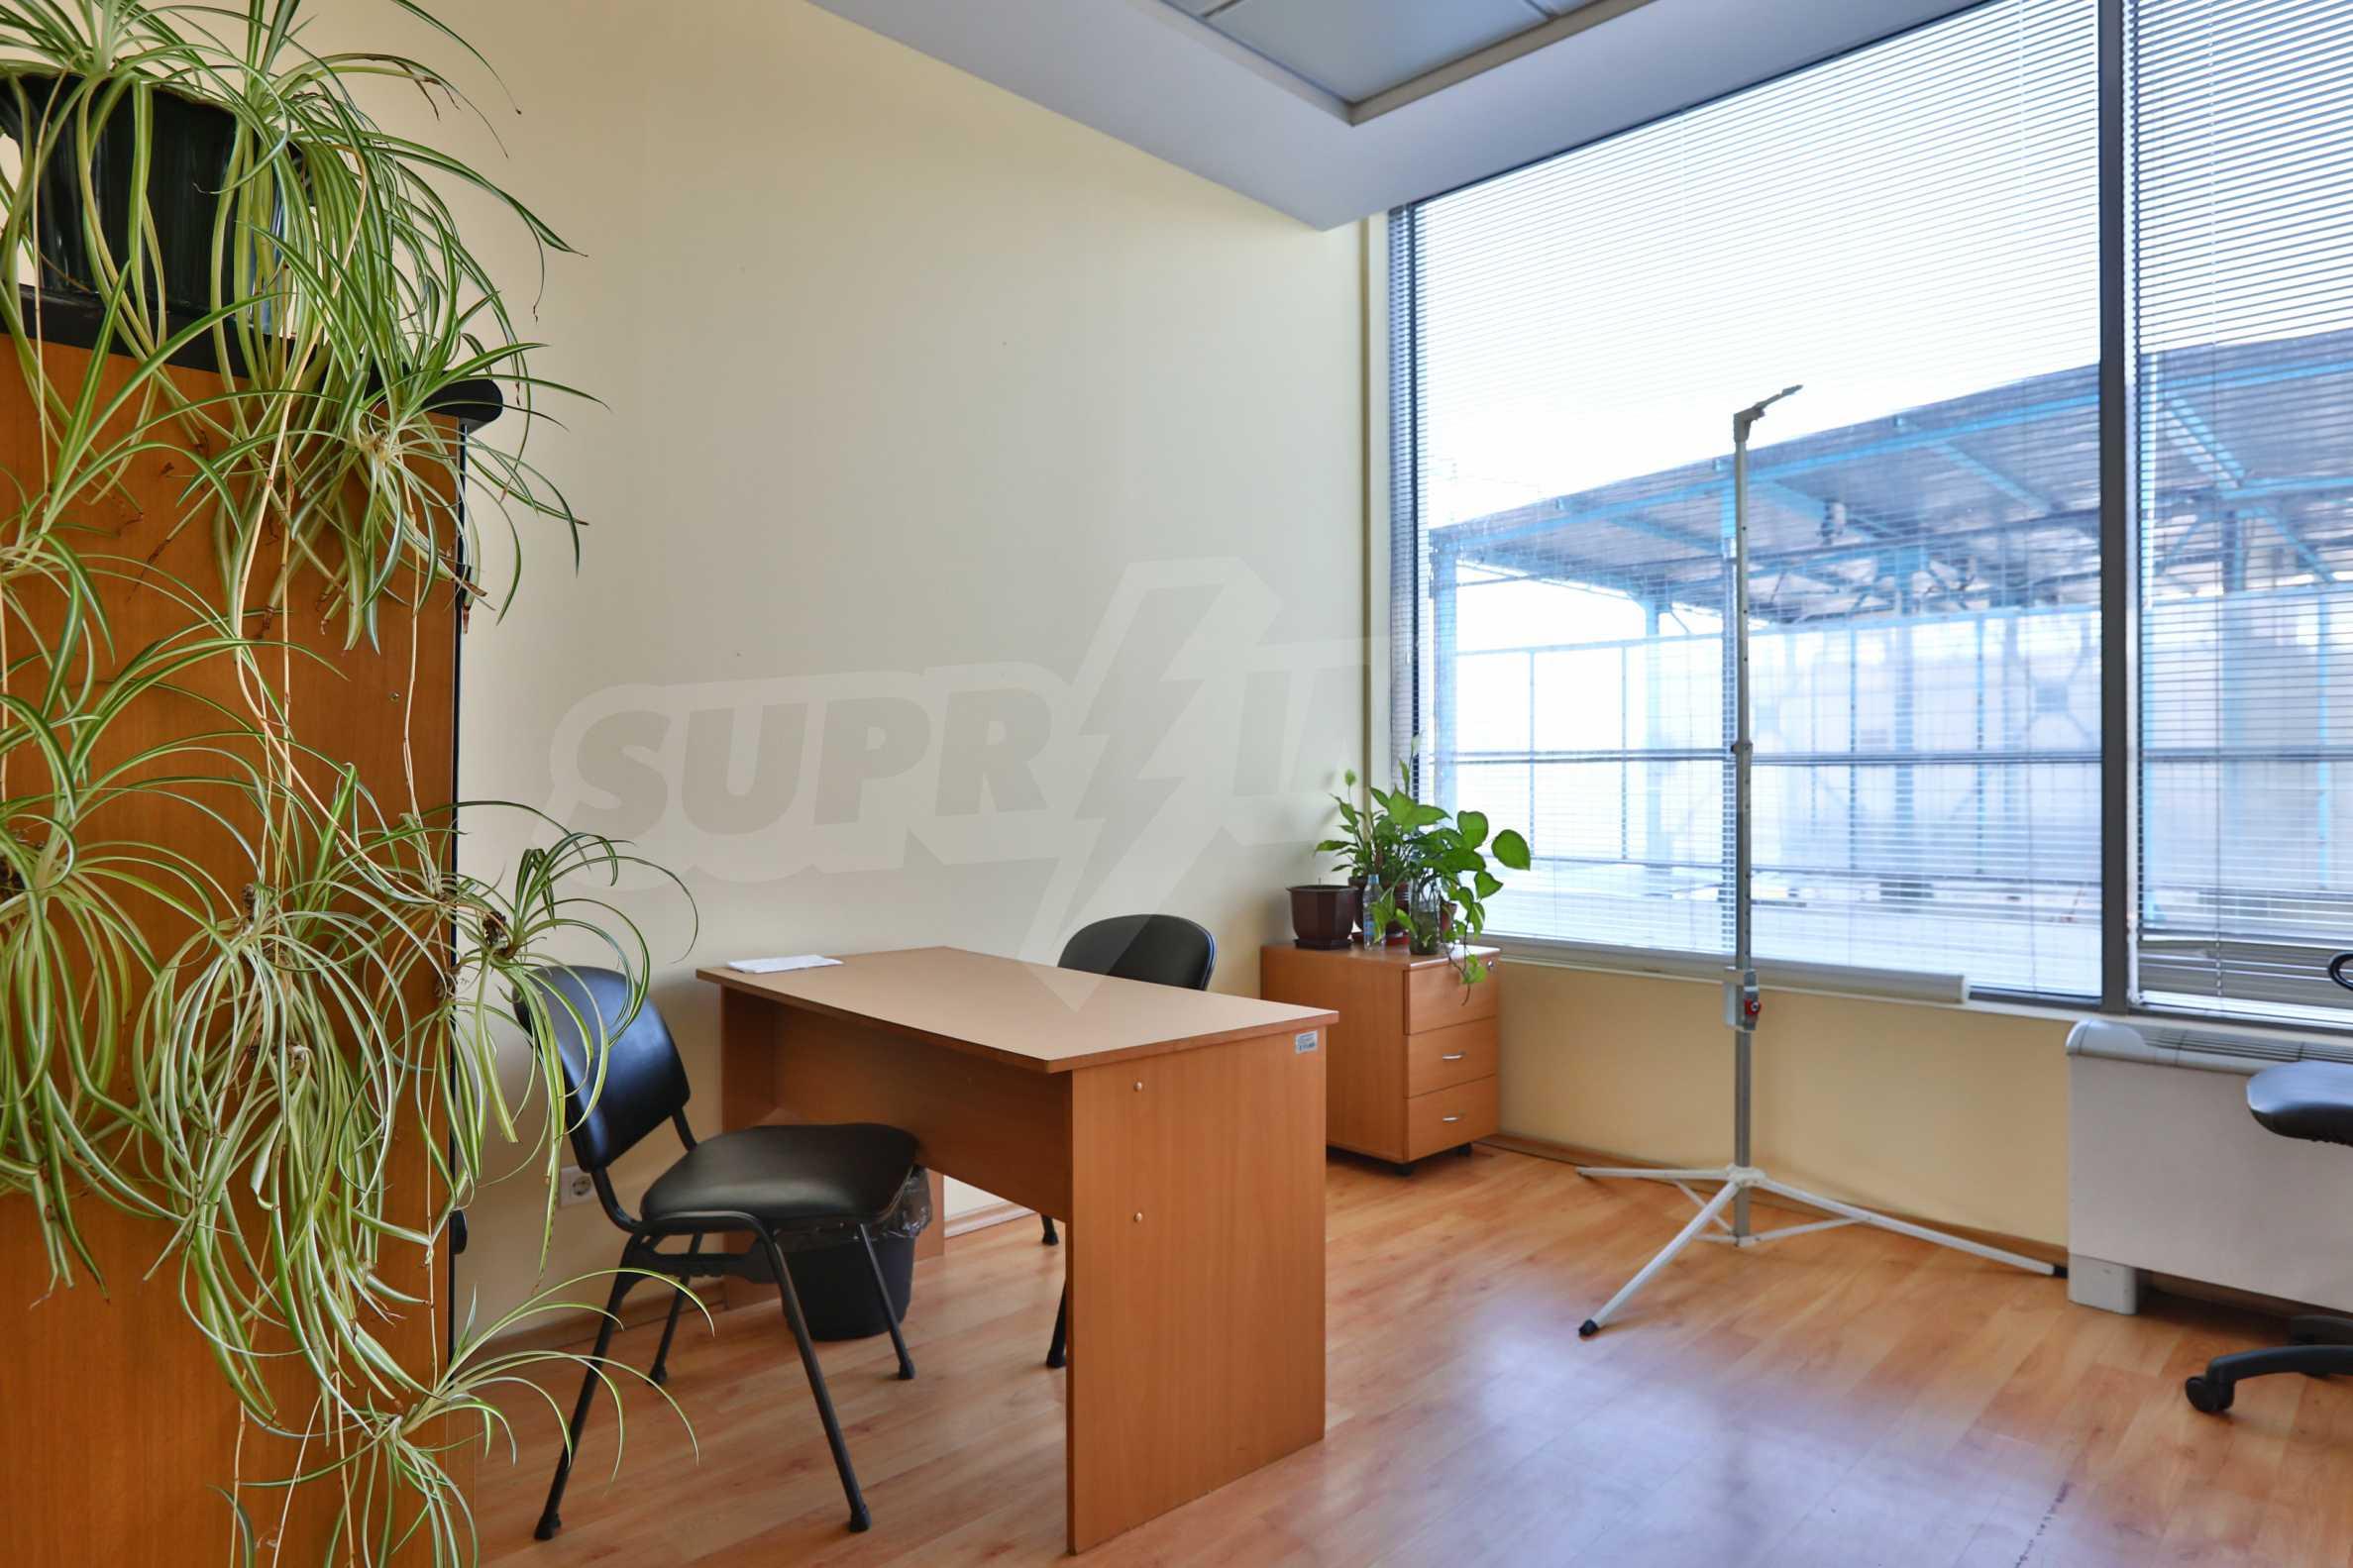 Площи тип open space в офис зоната на бул. Цариградско шосе 5